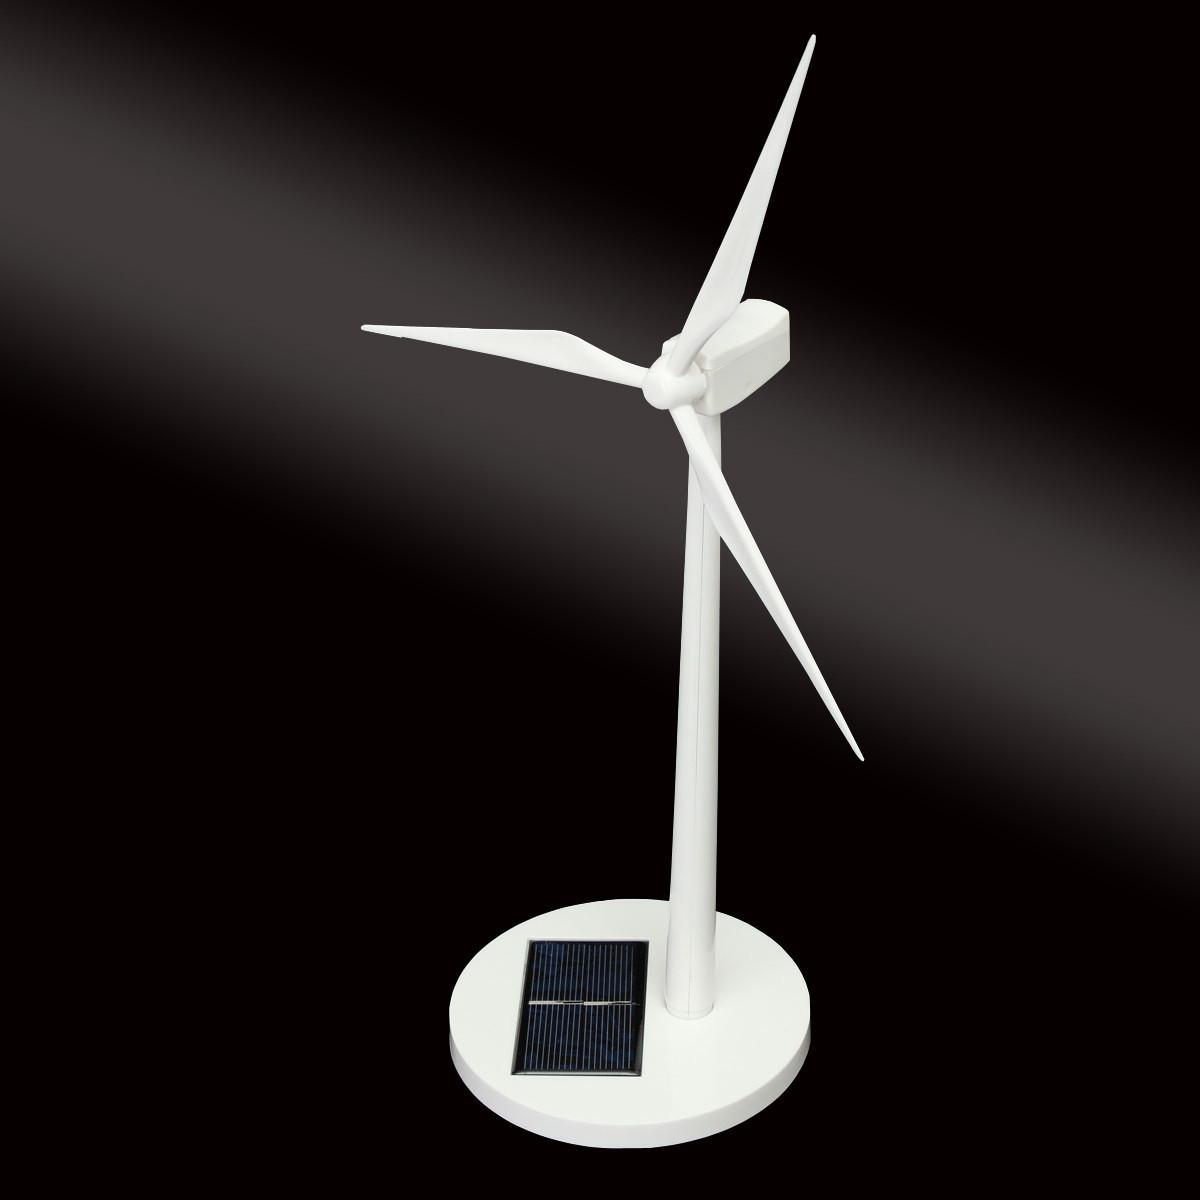 New Science Toy Desktop Model-Solar Powered Windmills/Wind Turbine & ABS plastics